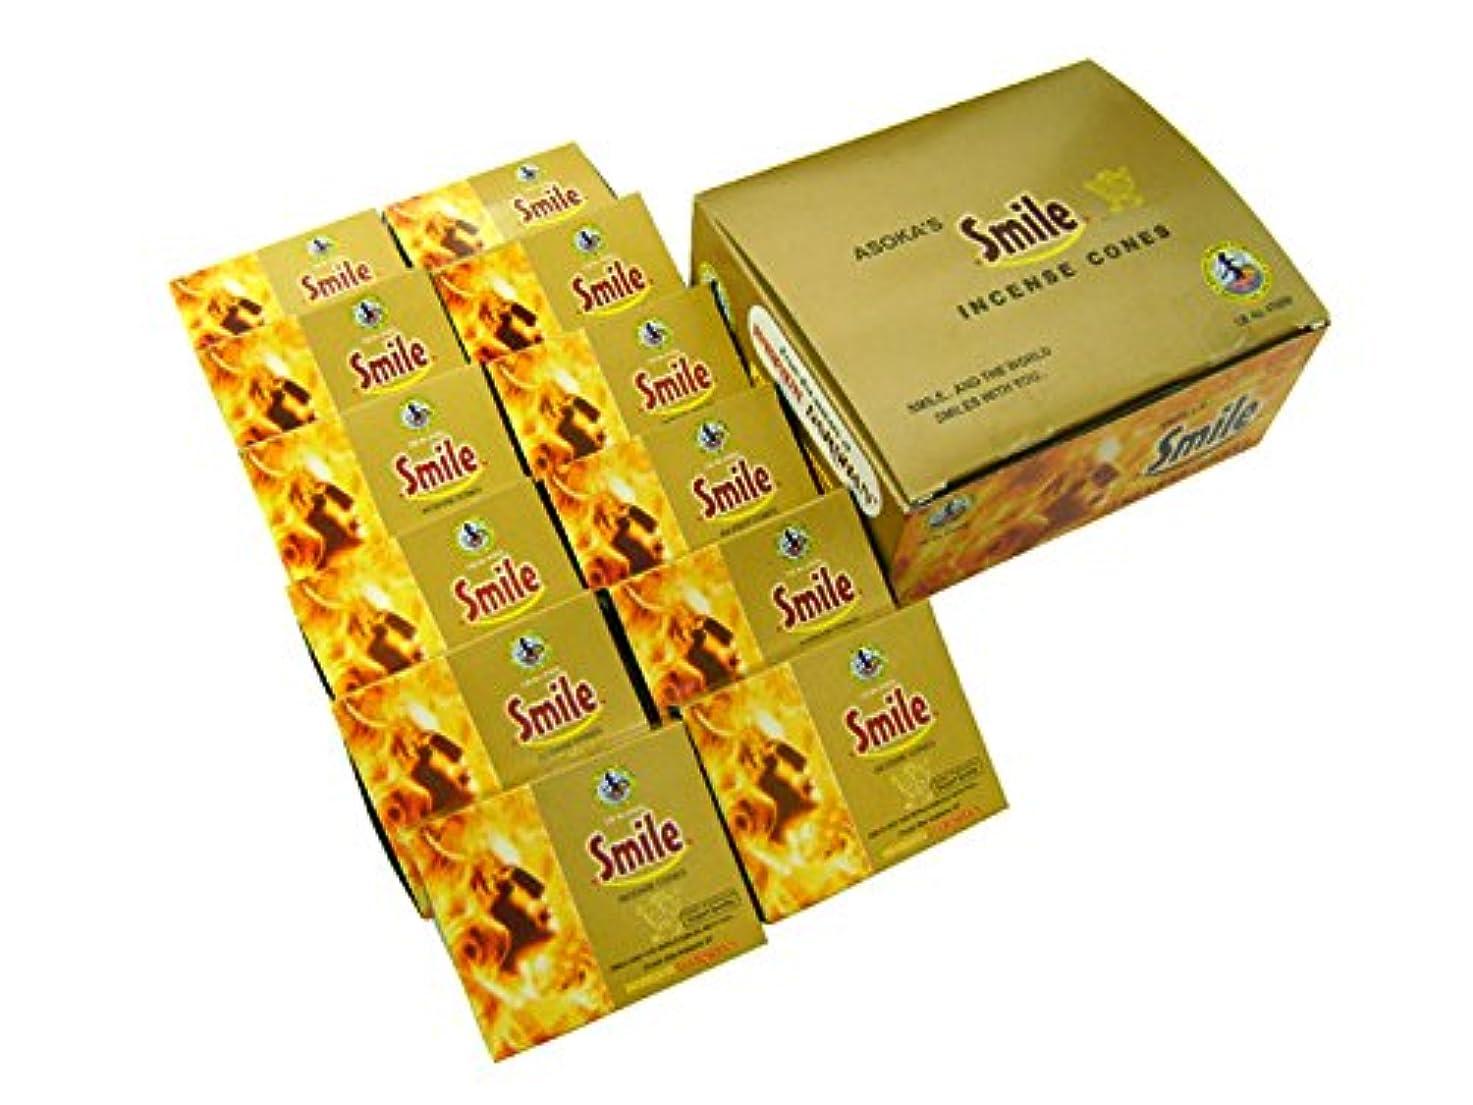 ASOKA TRADING(アショーカ トレーディング) スマイル香コーンタイプ TRADING SMILE CORN 12箱セット